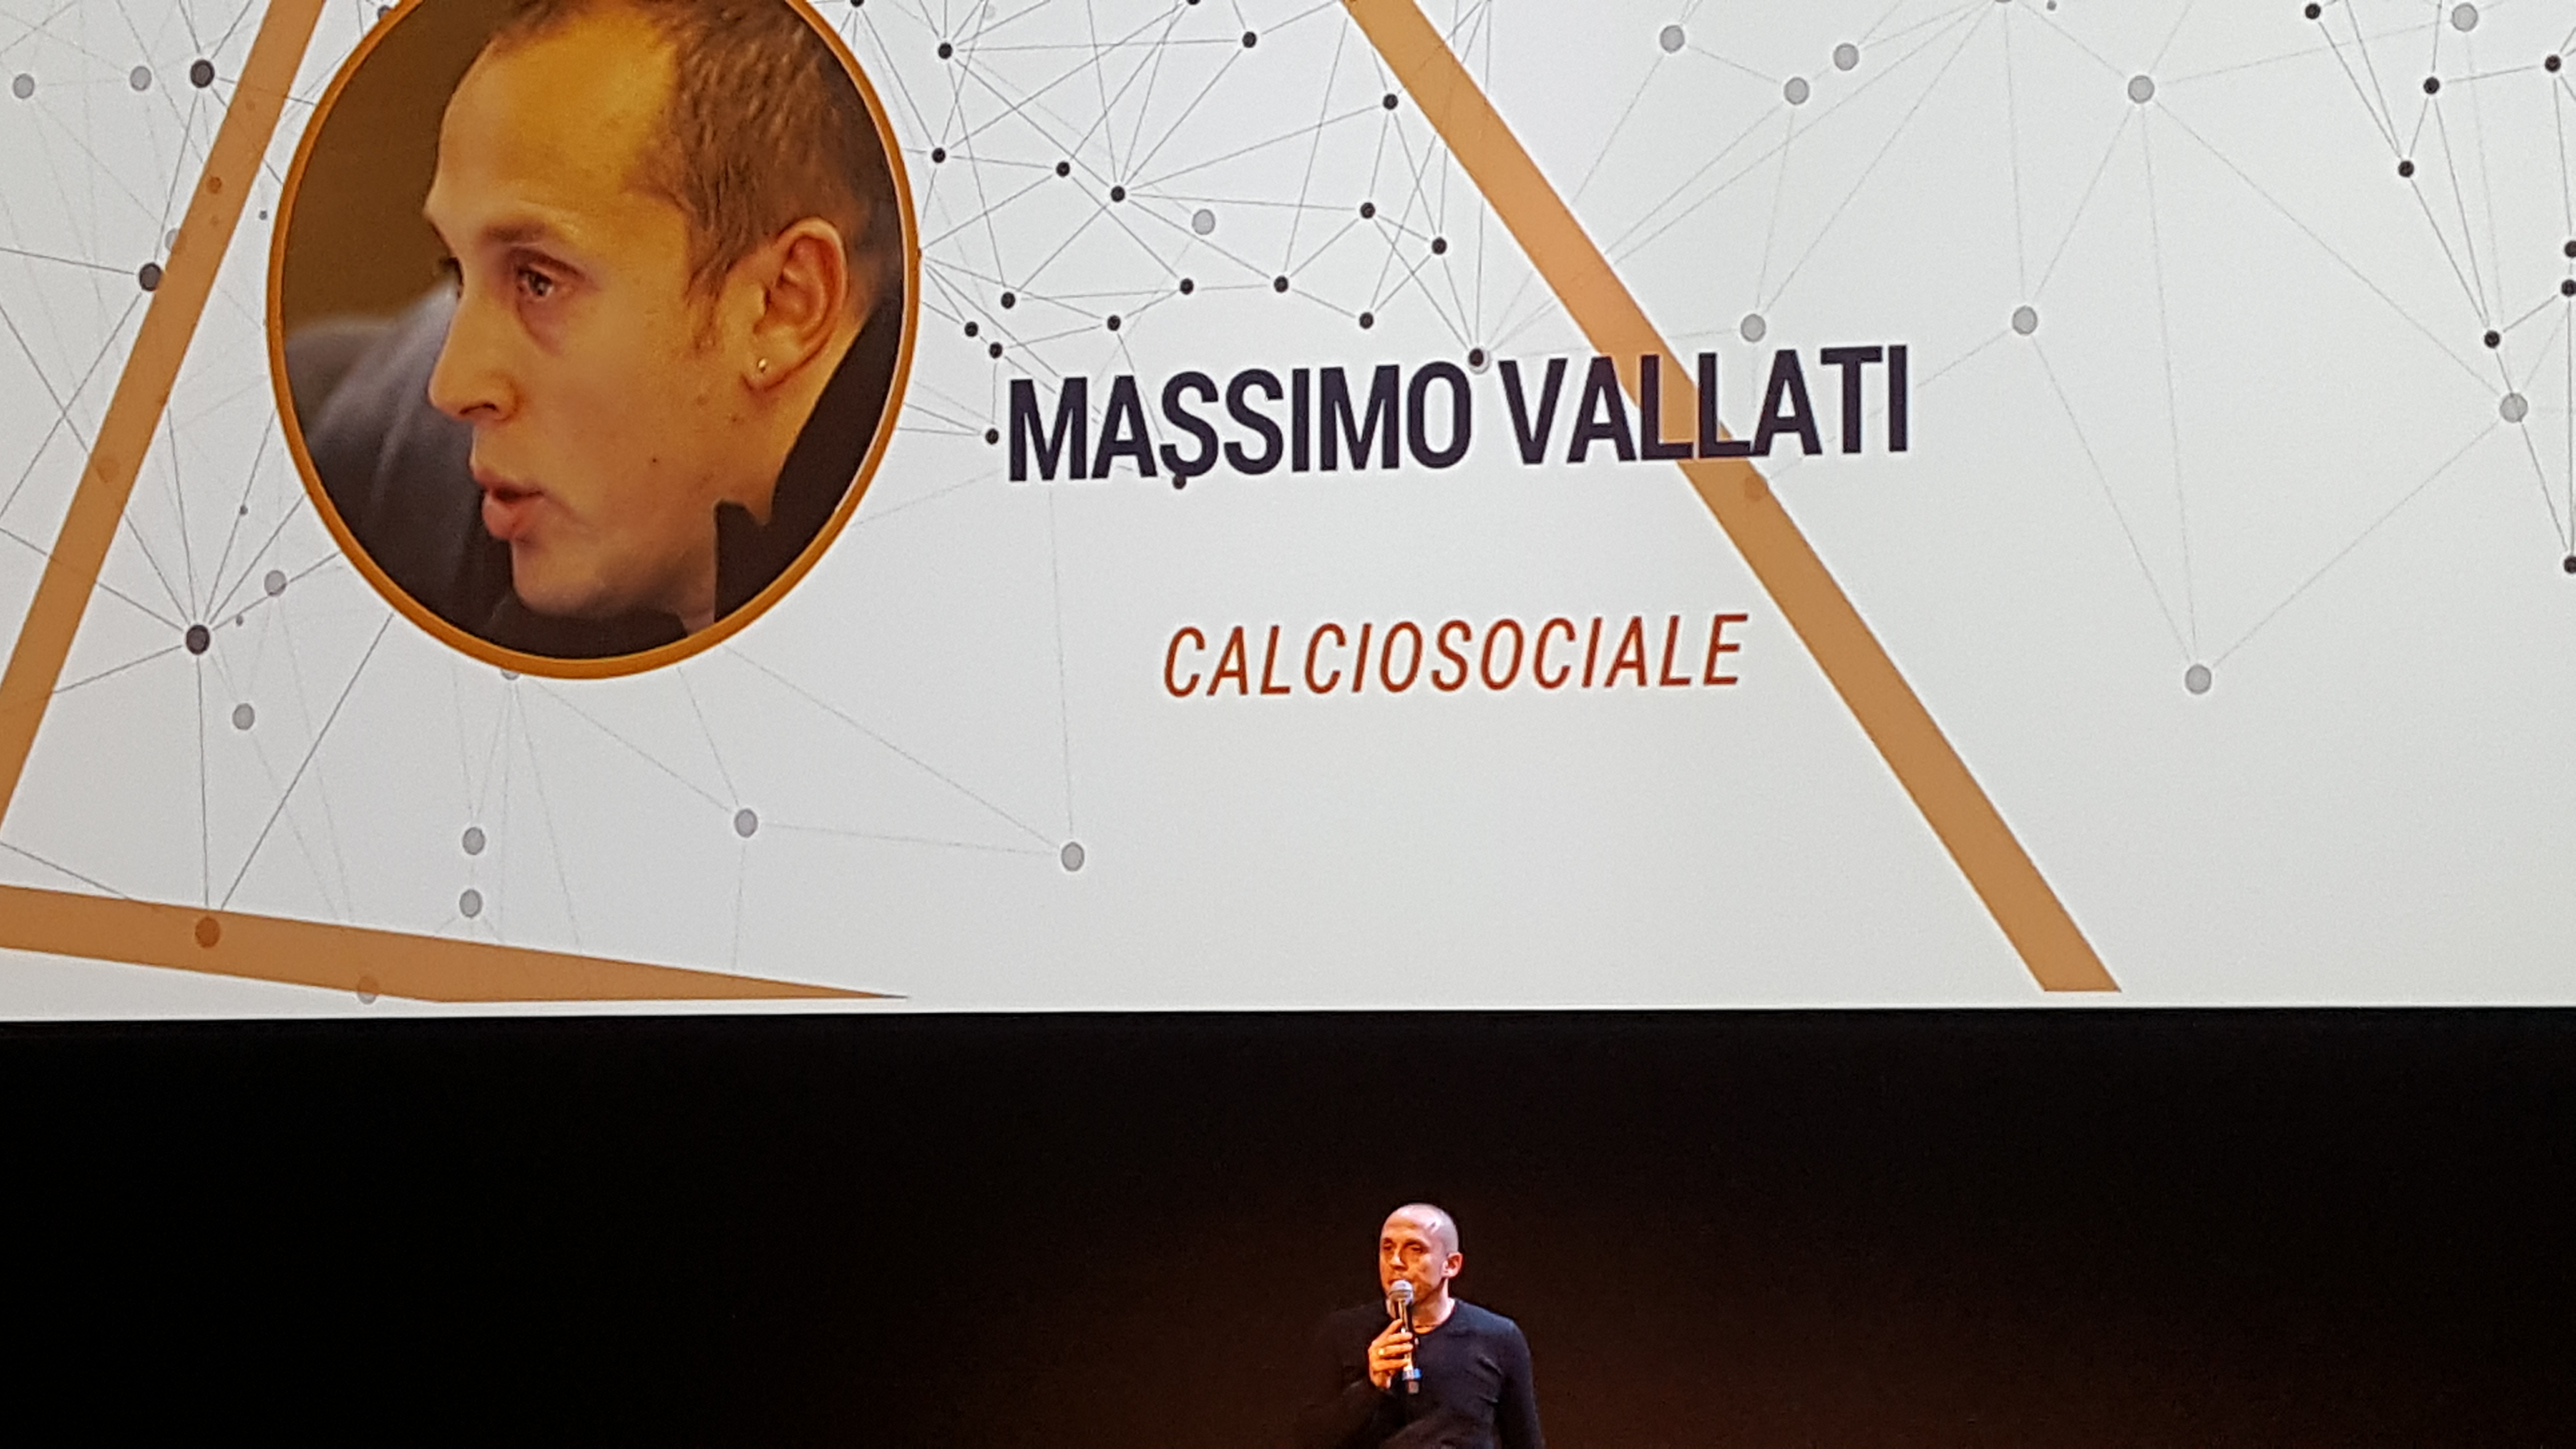 Massimo Vallati presenta Calciosociale